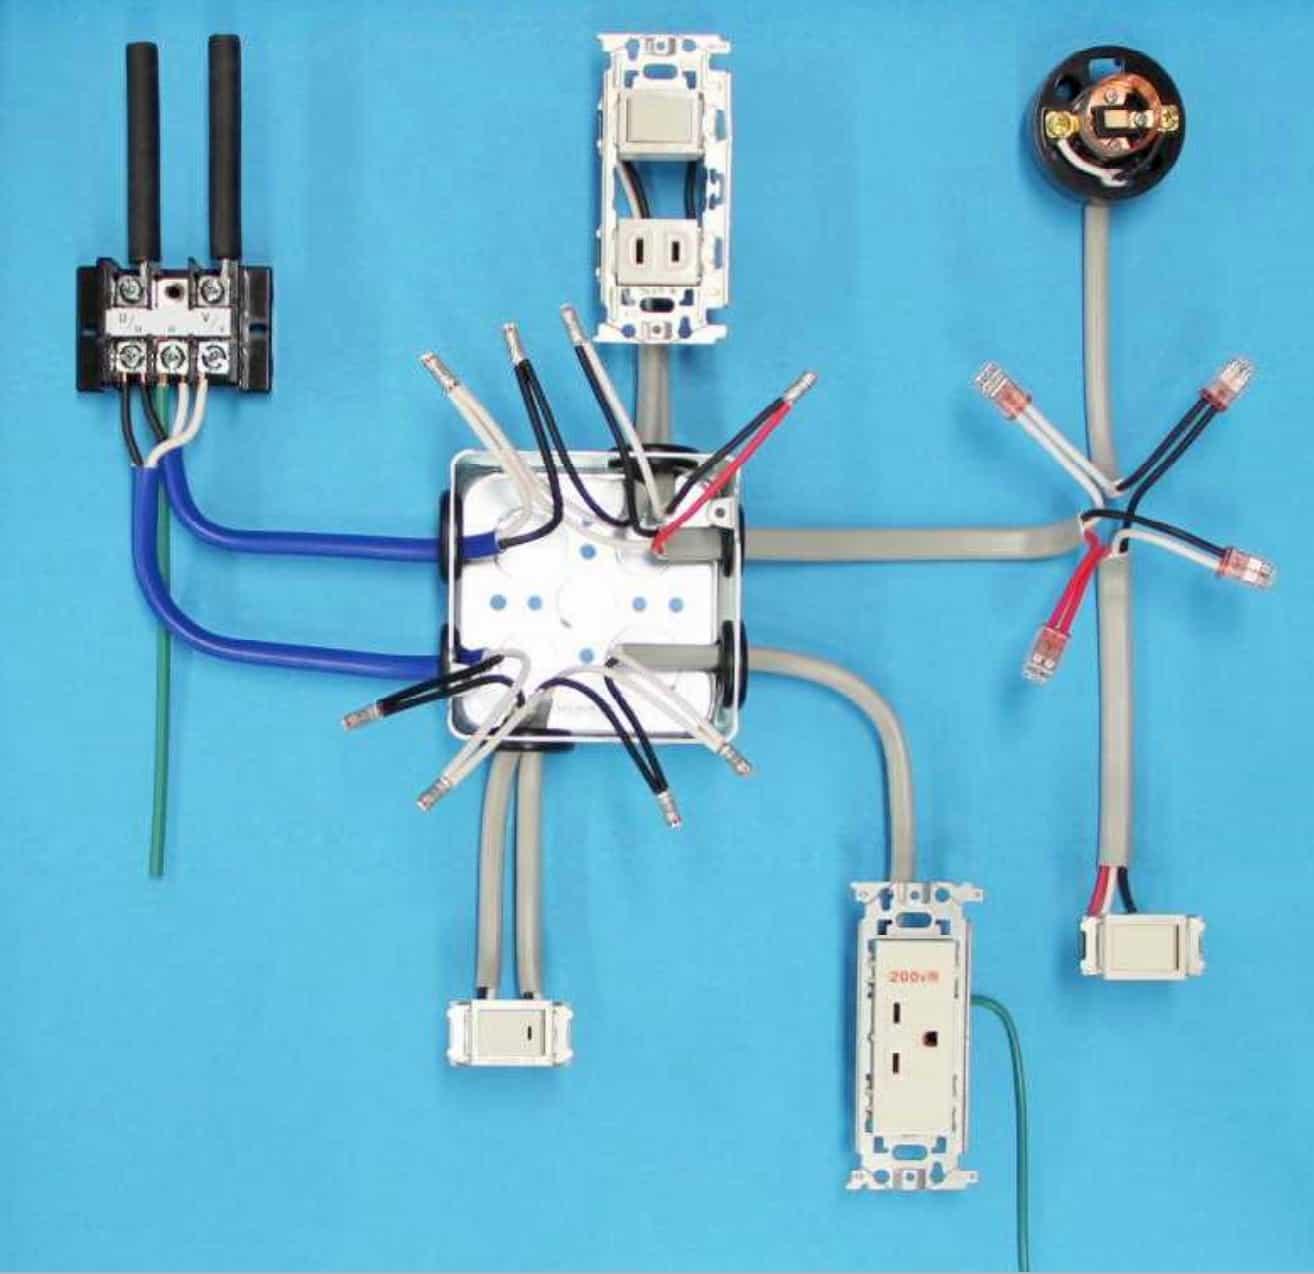 第一種電気工事士の技能試験の試験問題No.1の施工完成形